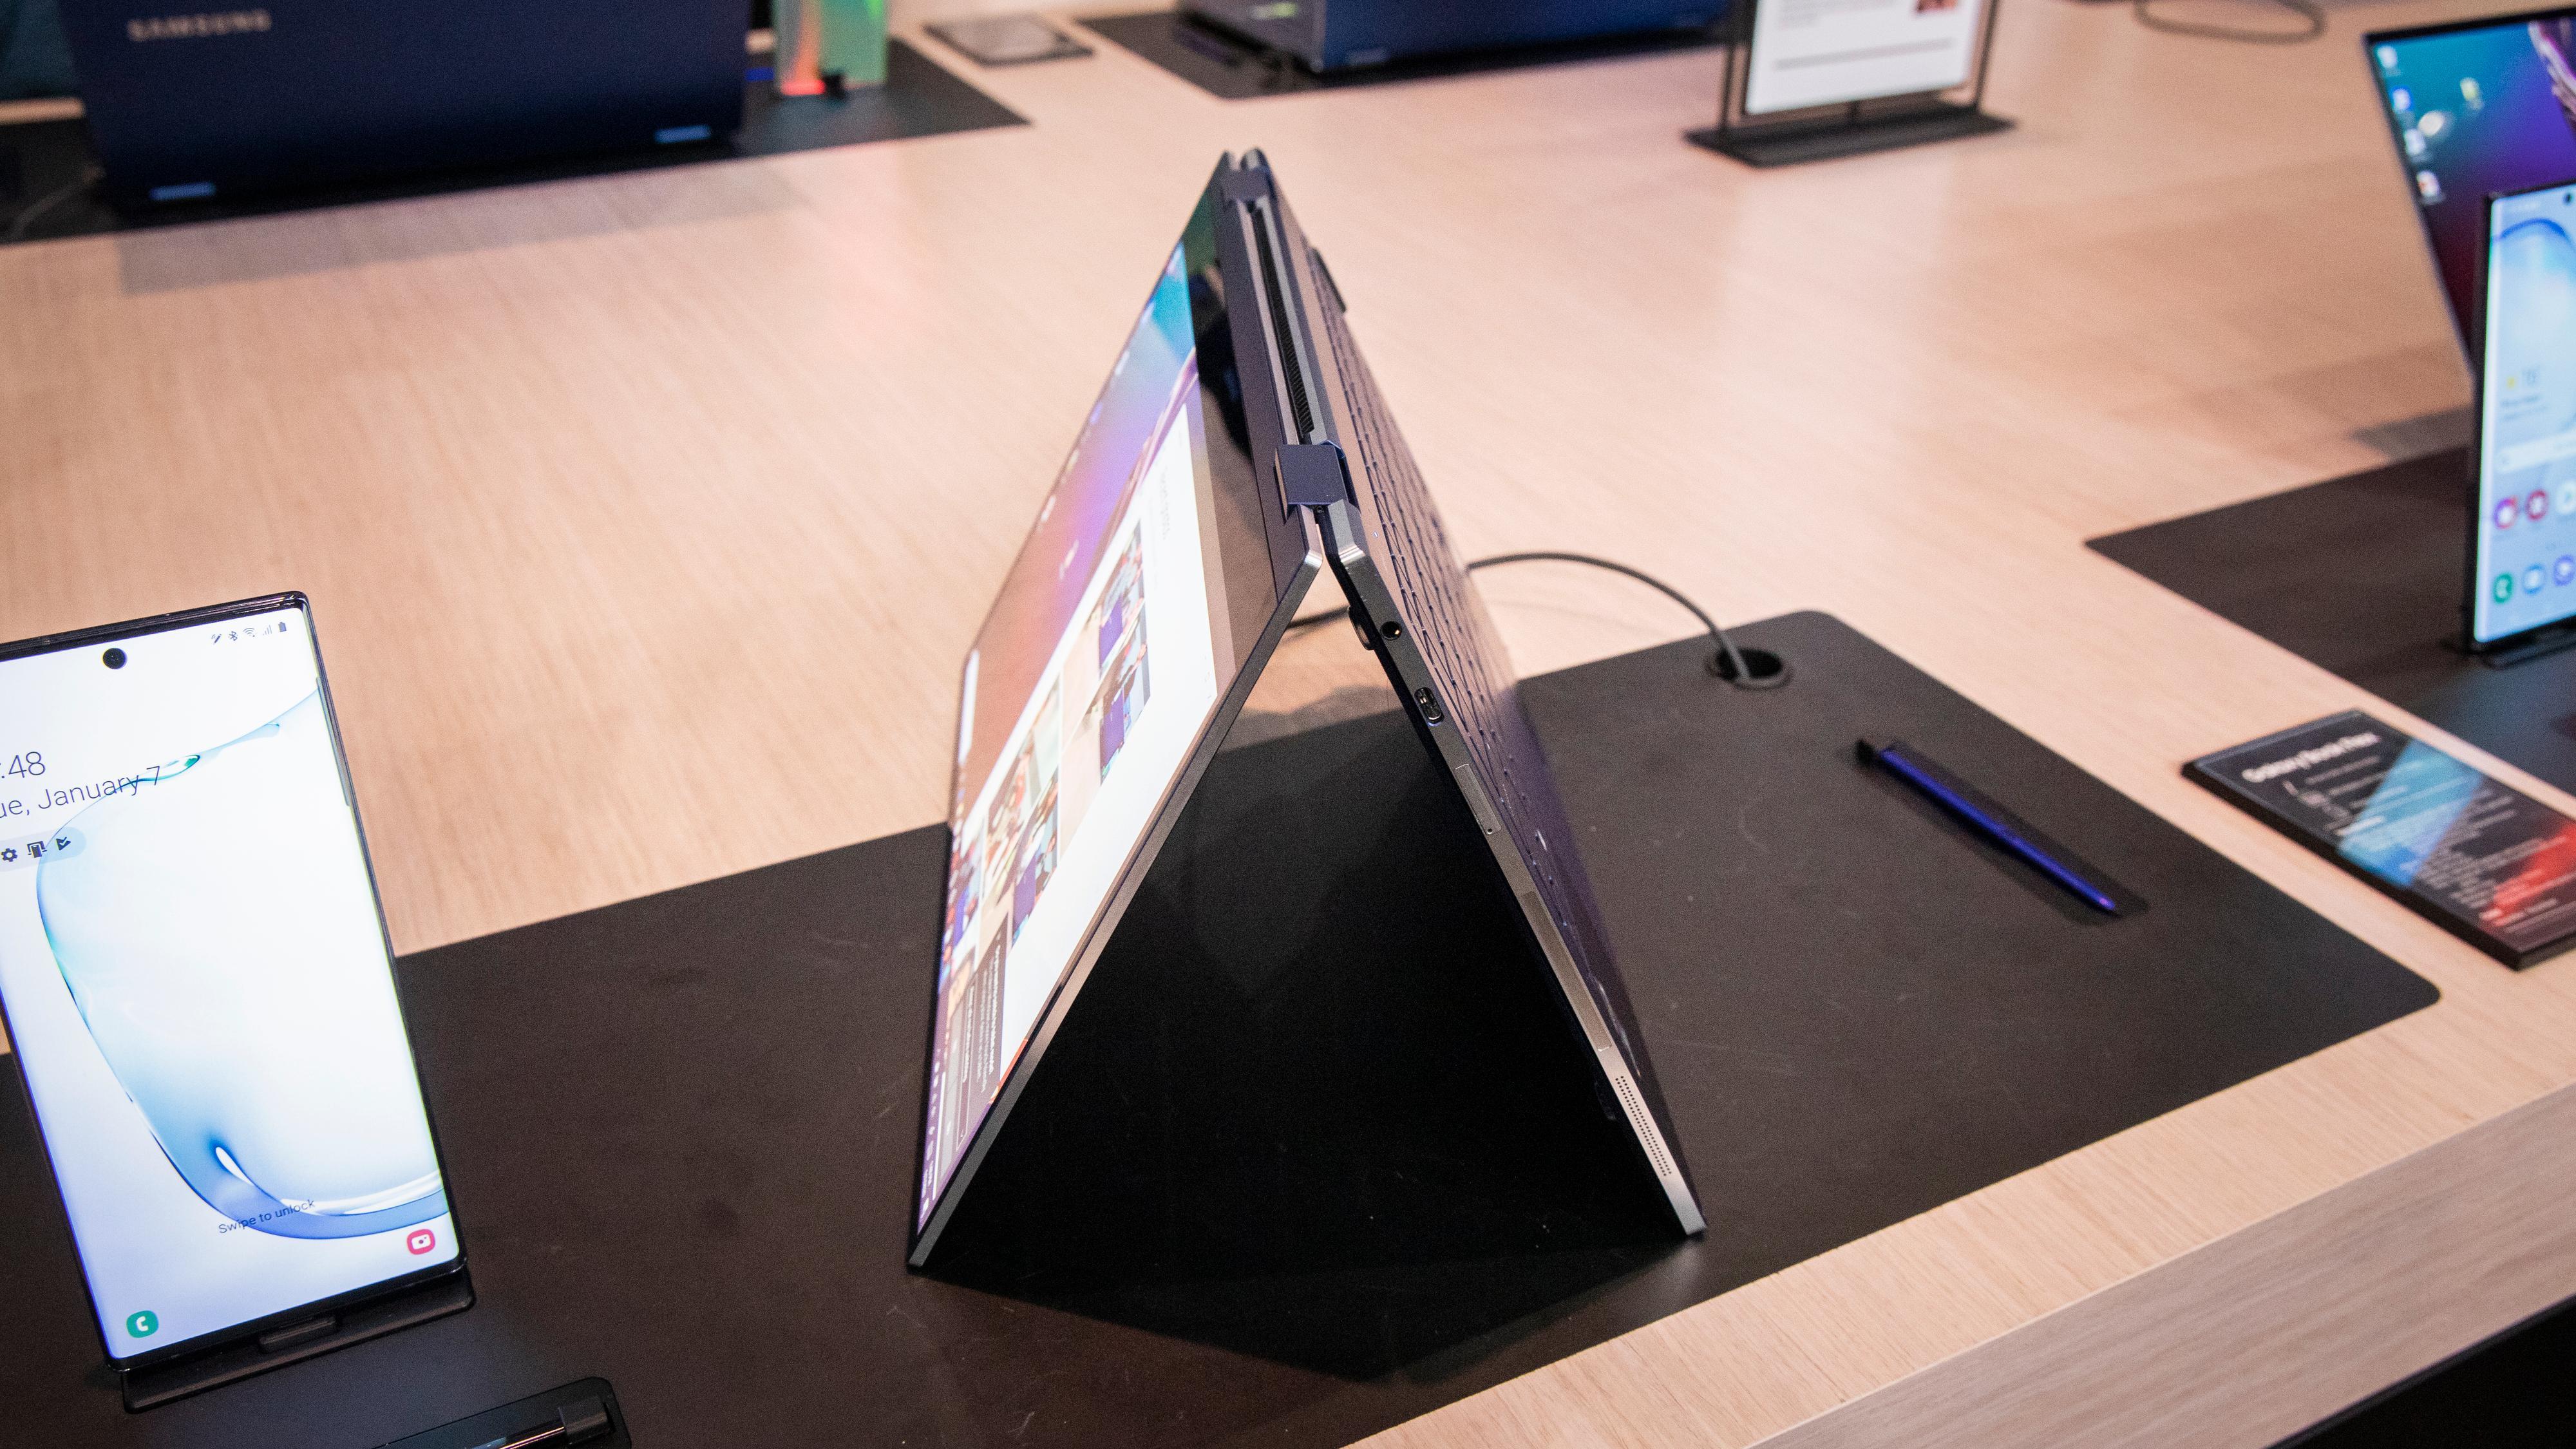 Galaxy Book Flex er en annen lett og kompakt maskin som kommer i 13- og 15-tommersvarianter, men den har en hengsel som lar deg bøye skjermen hele veien rundt og i praksis bruke den som et nettbrett. Skjermen er for øvrig av QLED-typen, og innvendig finner vi en tiendegenerasjons Intel Core-prosessor med enten «vanlig» integrert grafikk eller den kraftigere Intel Iris Plus (og Nvidia Geforce MX250 i 15-tommeren). Maskinen kommer ellers med Wi-Fi 6-støtte og veier 1,16 kilo i 13-tommersvarianten. De vil sannsynligvis bli noe dyrere enn Galaxy Book S.